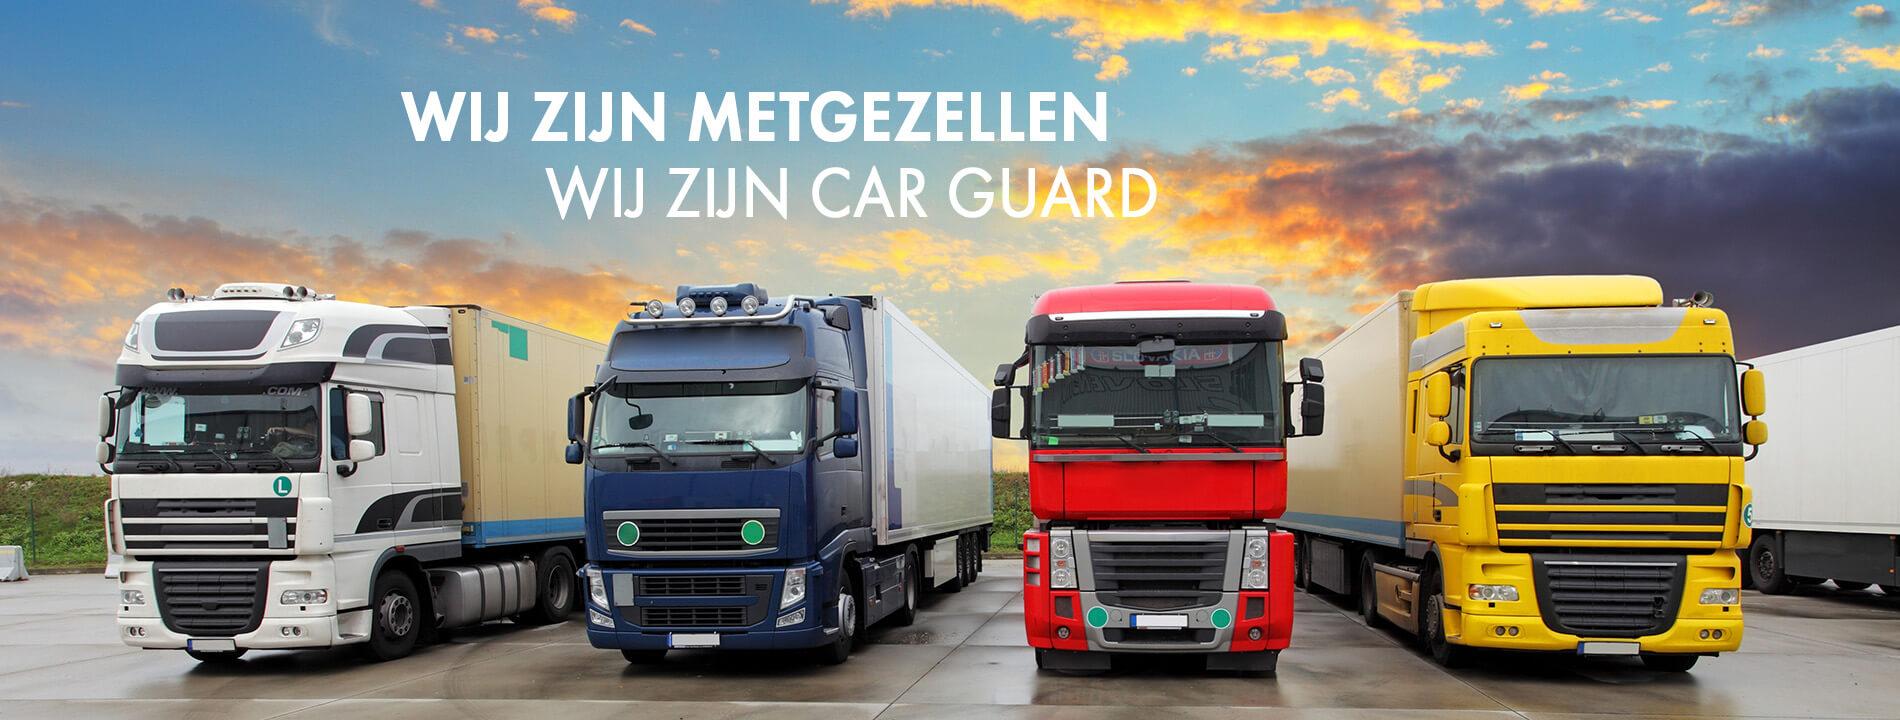 Wij zijn metgezellen - Wij zijn Car Guard